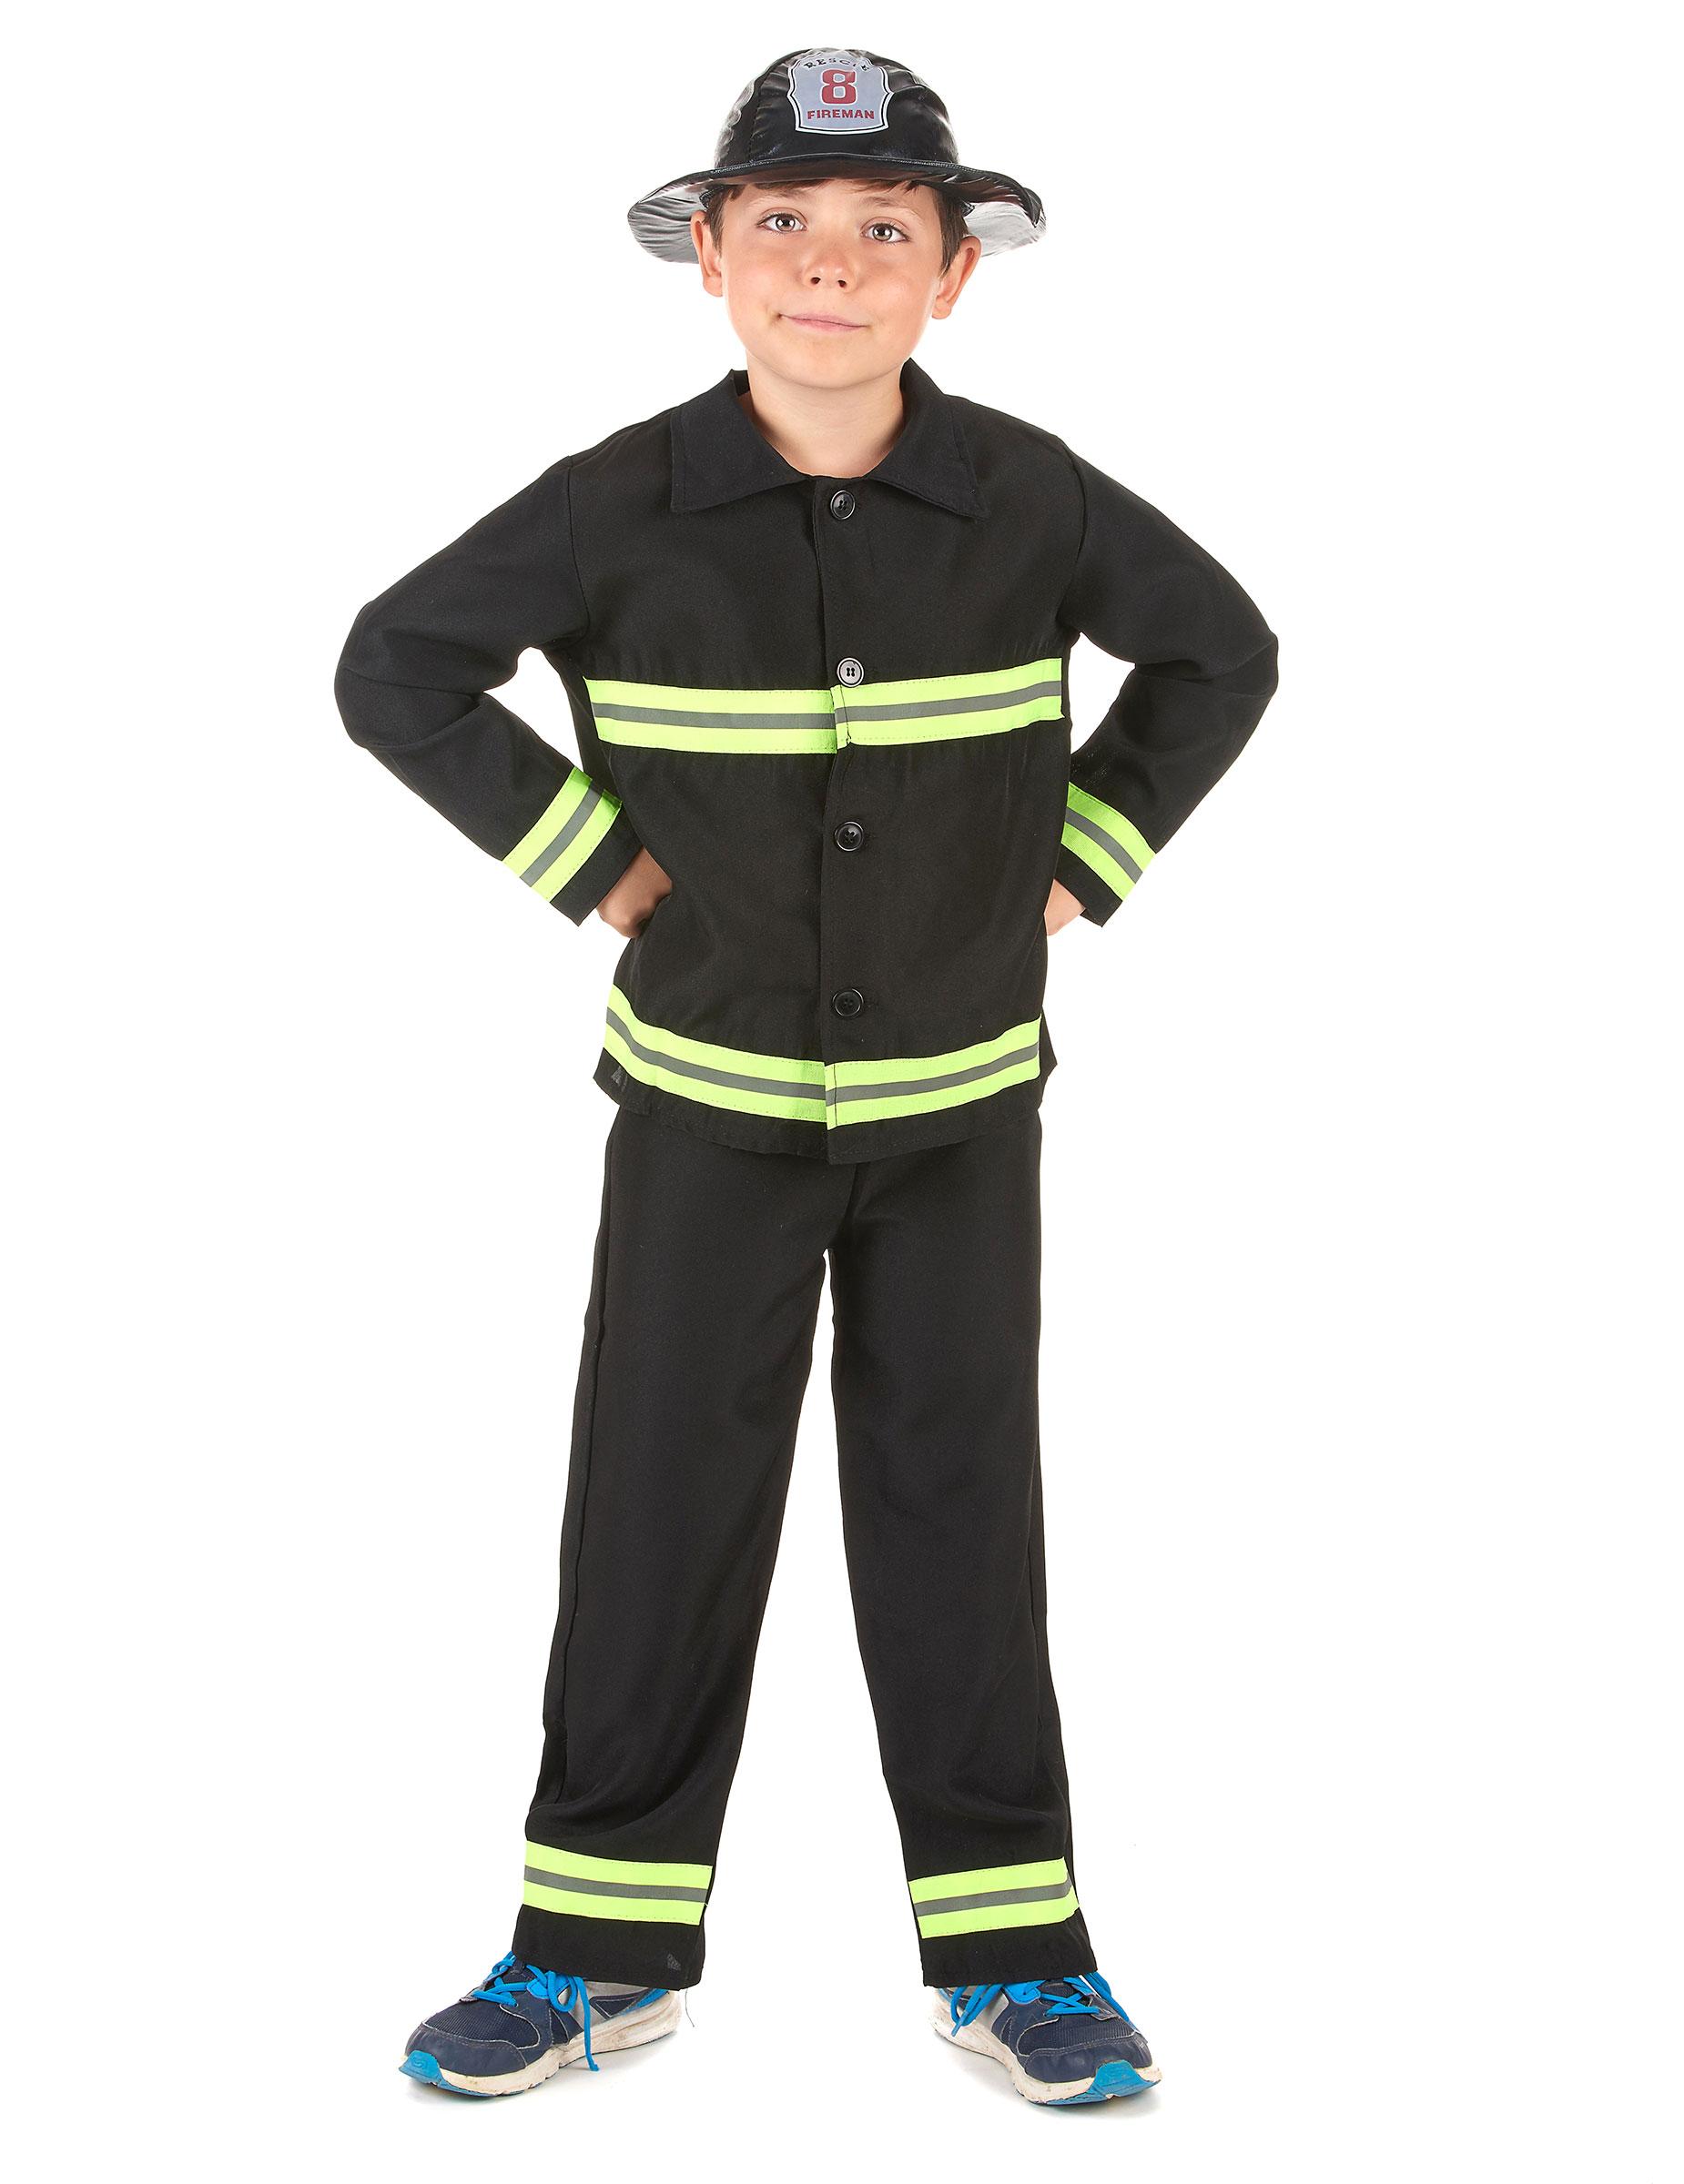 Costume per bambino da pompiere  Costumi bambini 9ccd1a733fa0